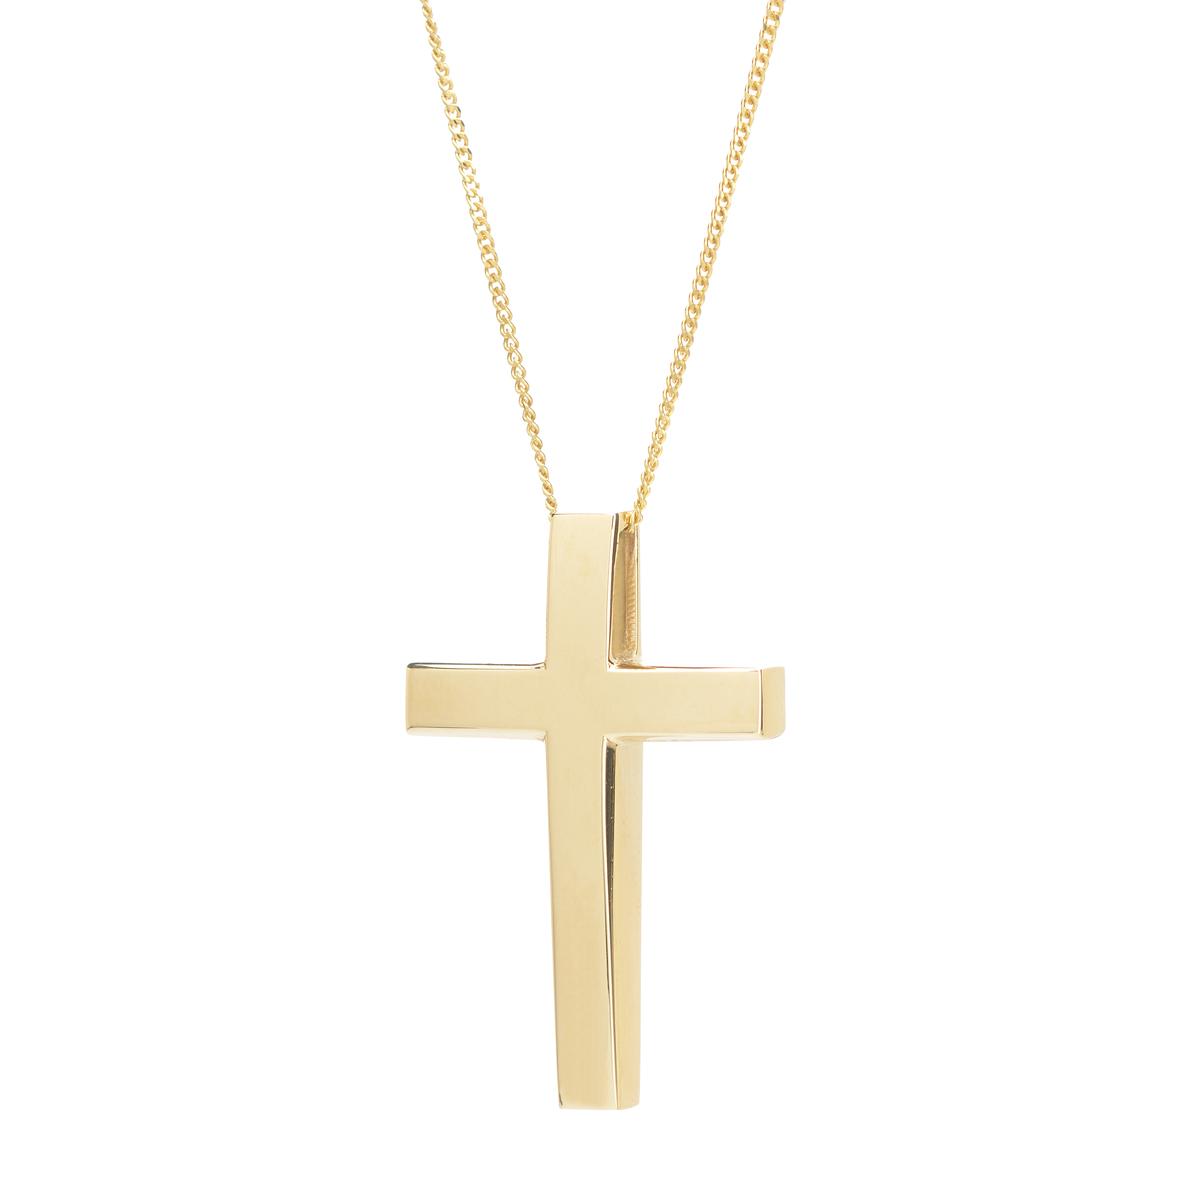 σταυρος για αντρα και γυναικα, βαπτιστικος